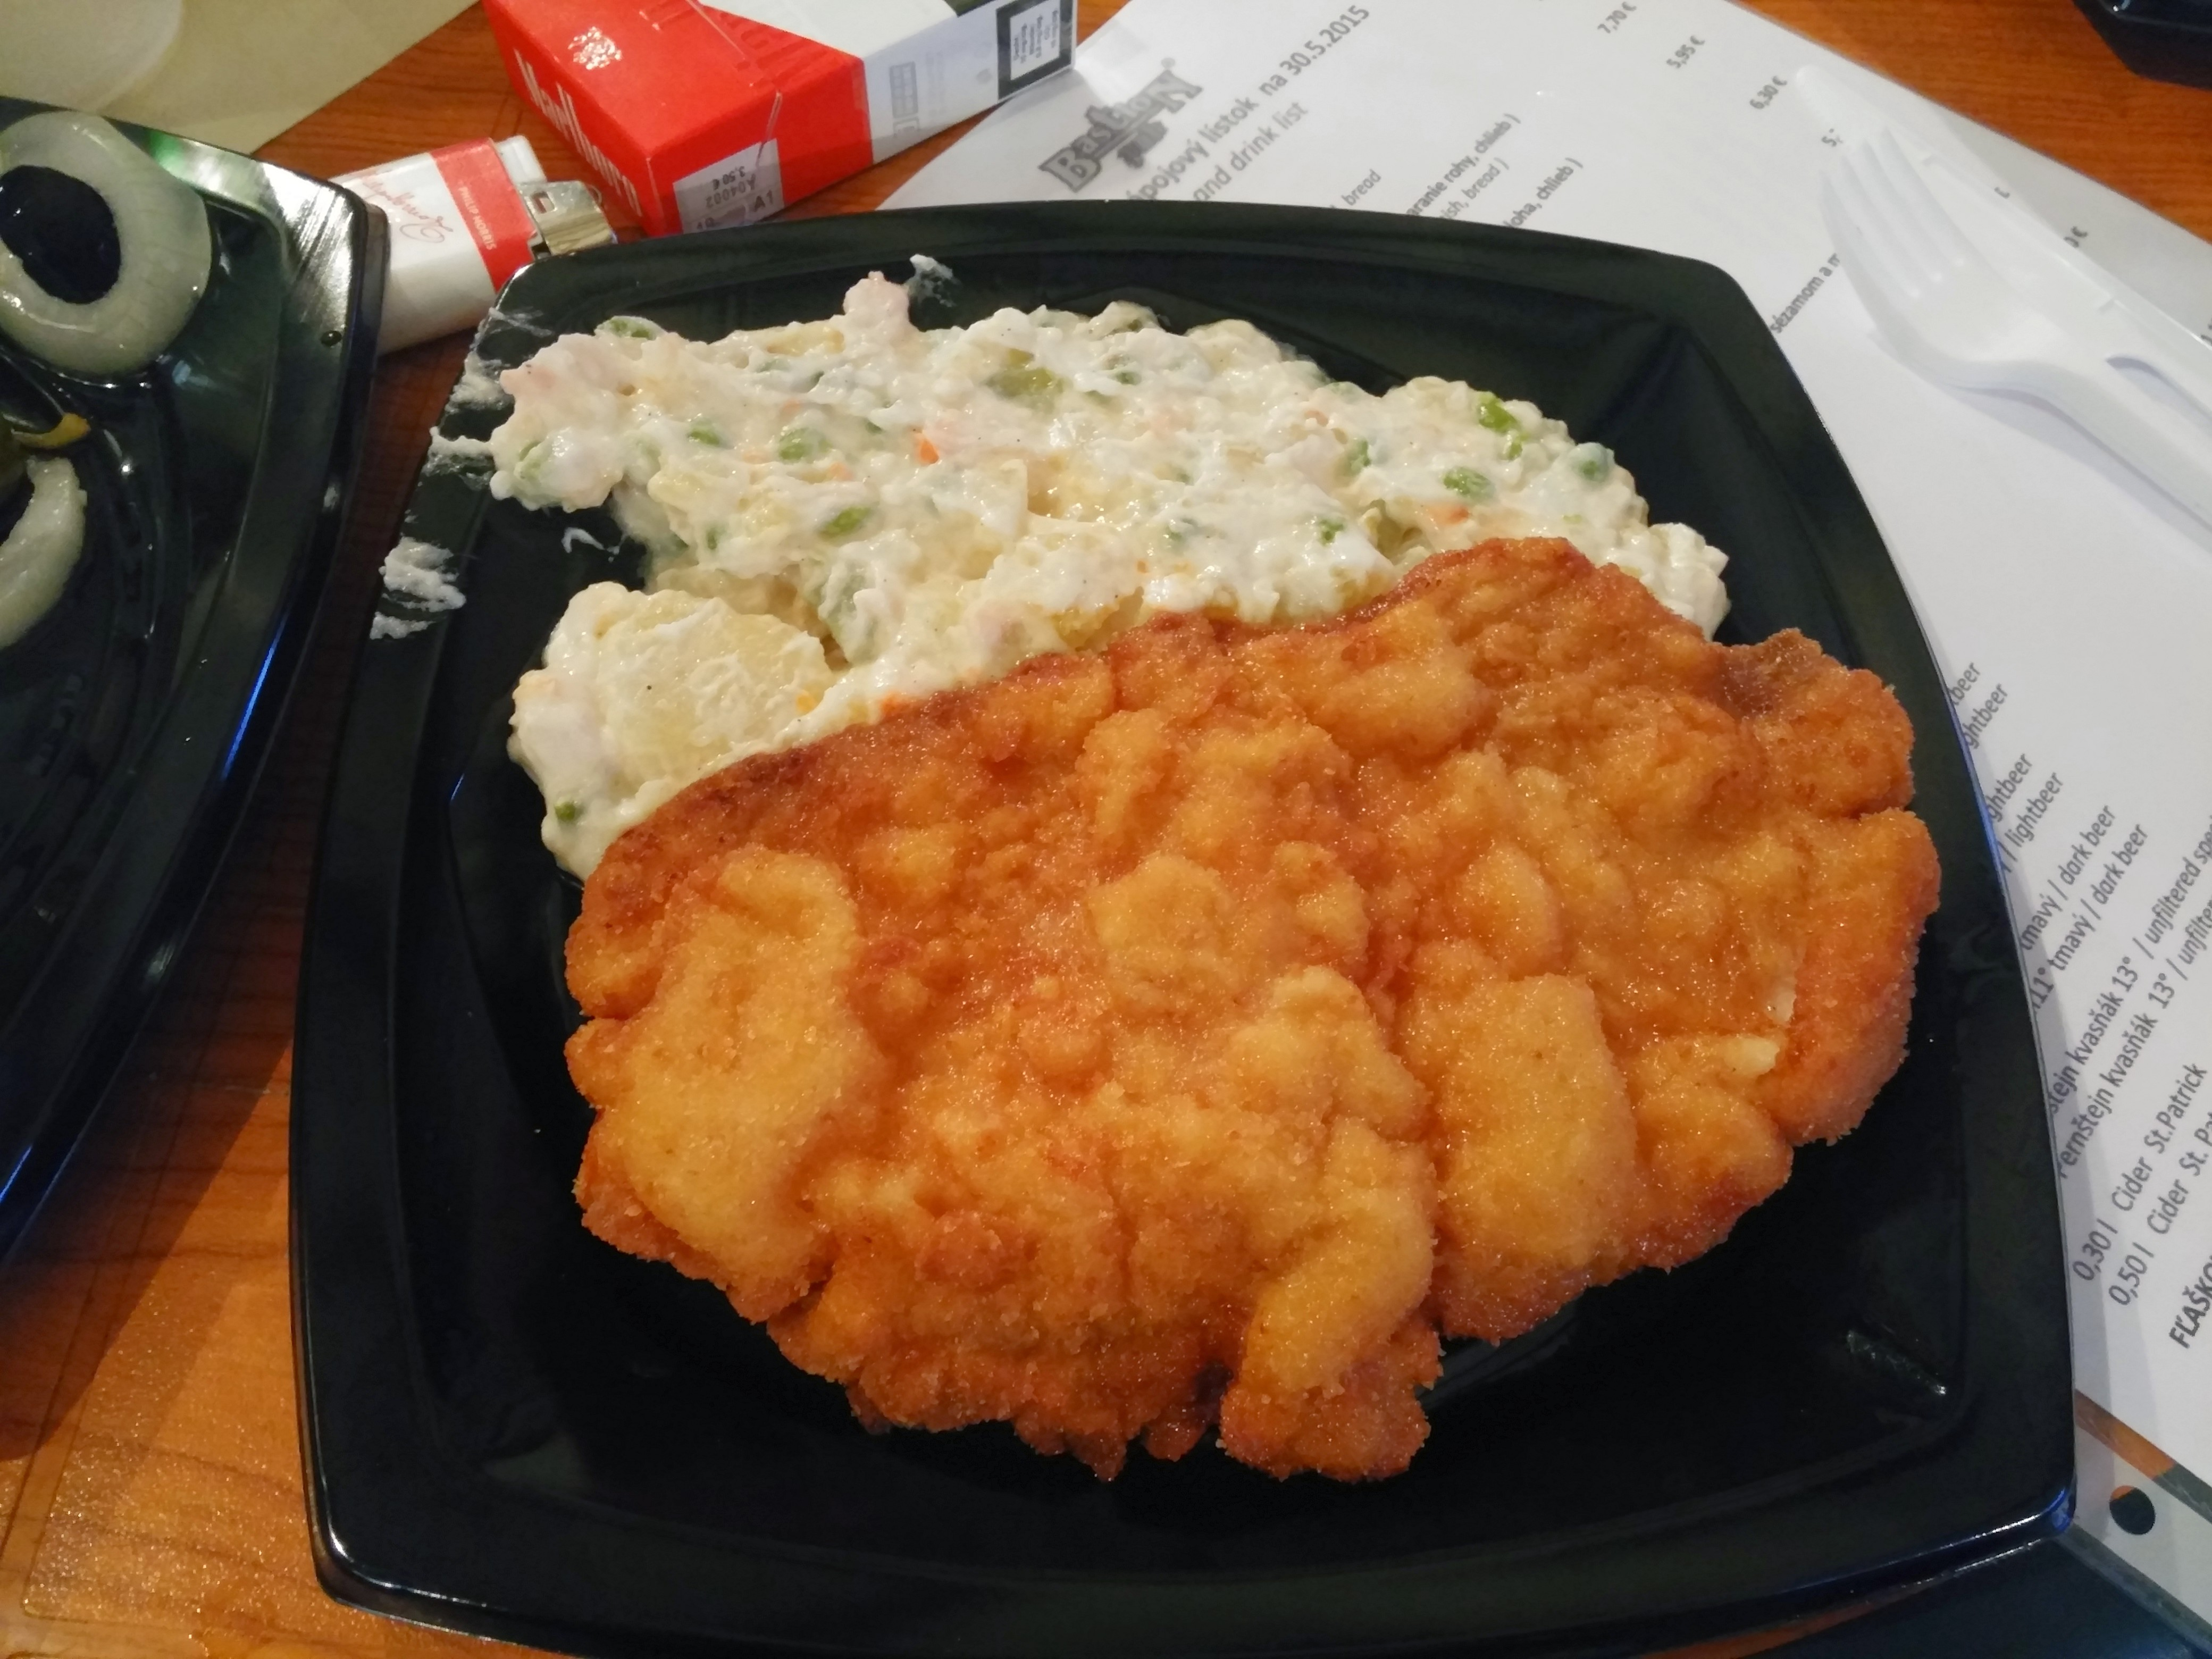 https://foodloader.net/nico_2015-05-30_schnitzel-mit-kartoffelsalat.jpg